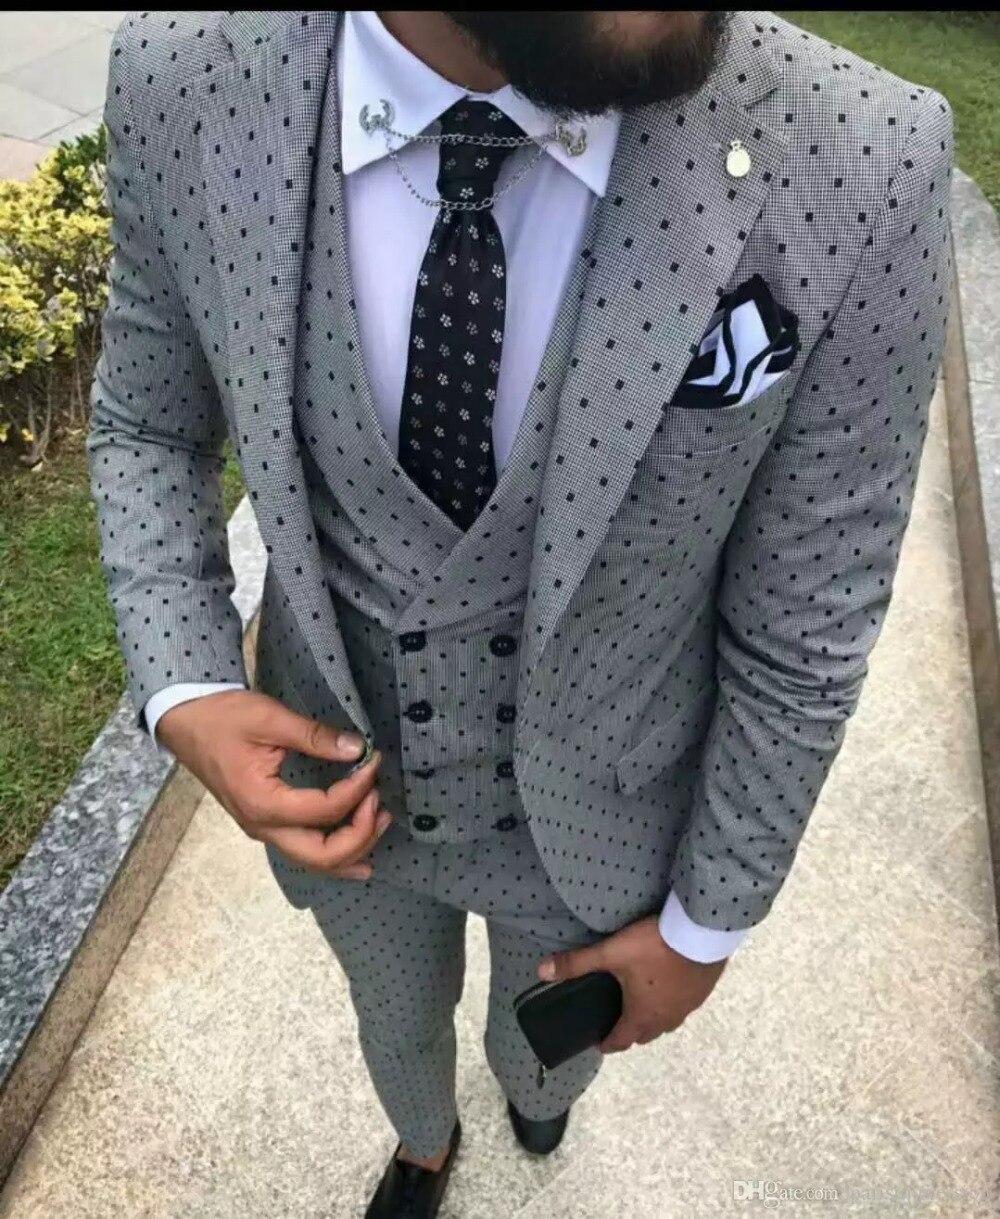 2018 Nuovi Uomini Abiti Da Sposa Slim Fit 3 pezzi Smoking Dello Sposo Groomsman Su abiti da uomo per la cerimonia nuziale traje hombre giacca maglia della mutanda